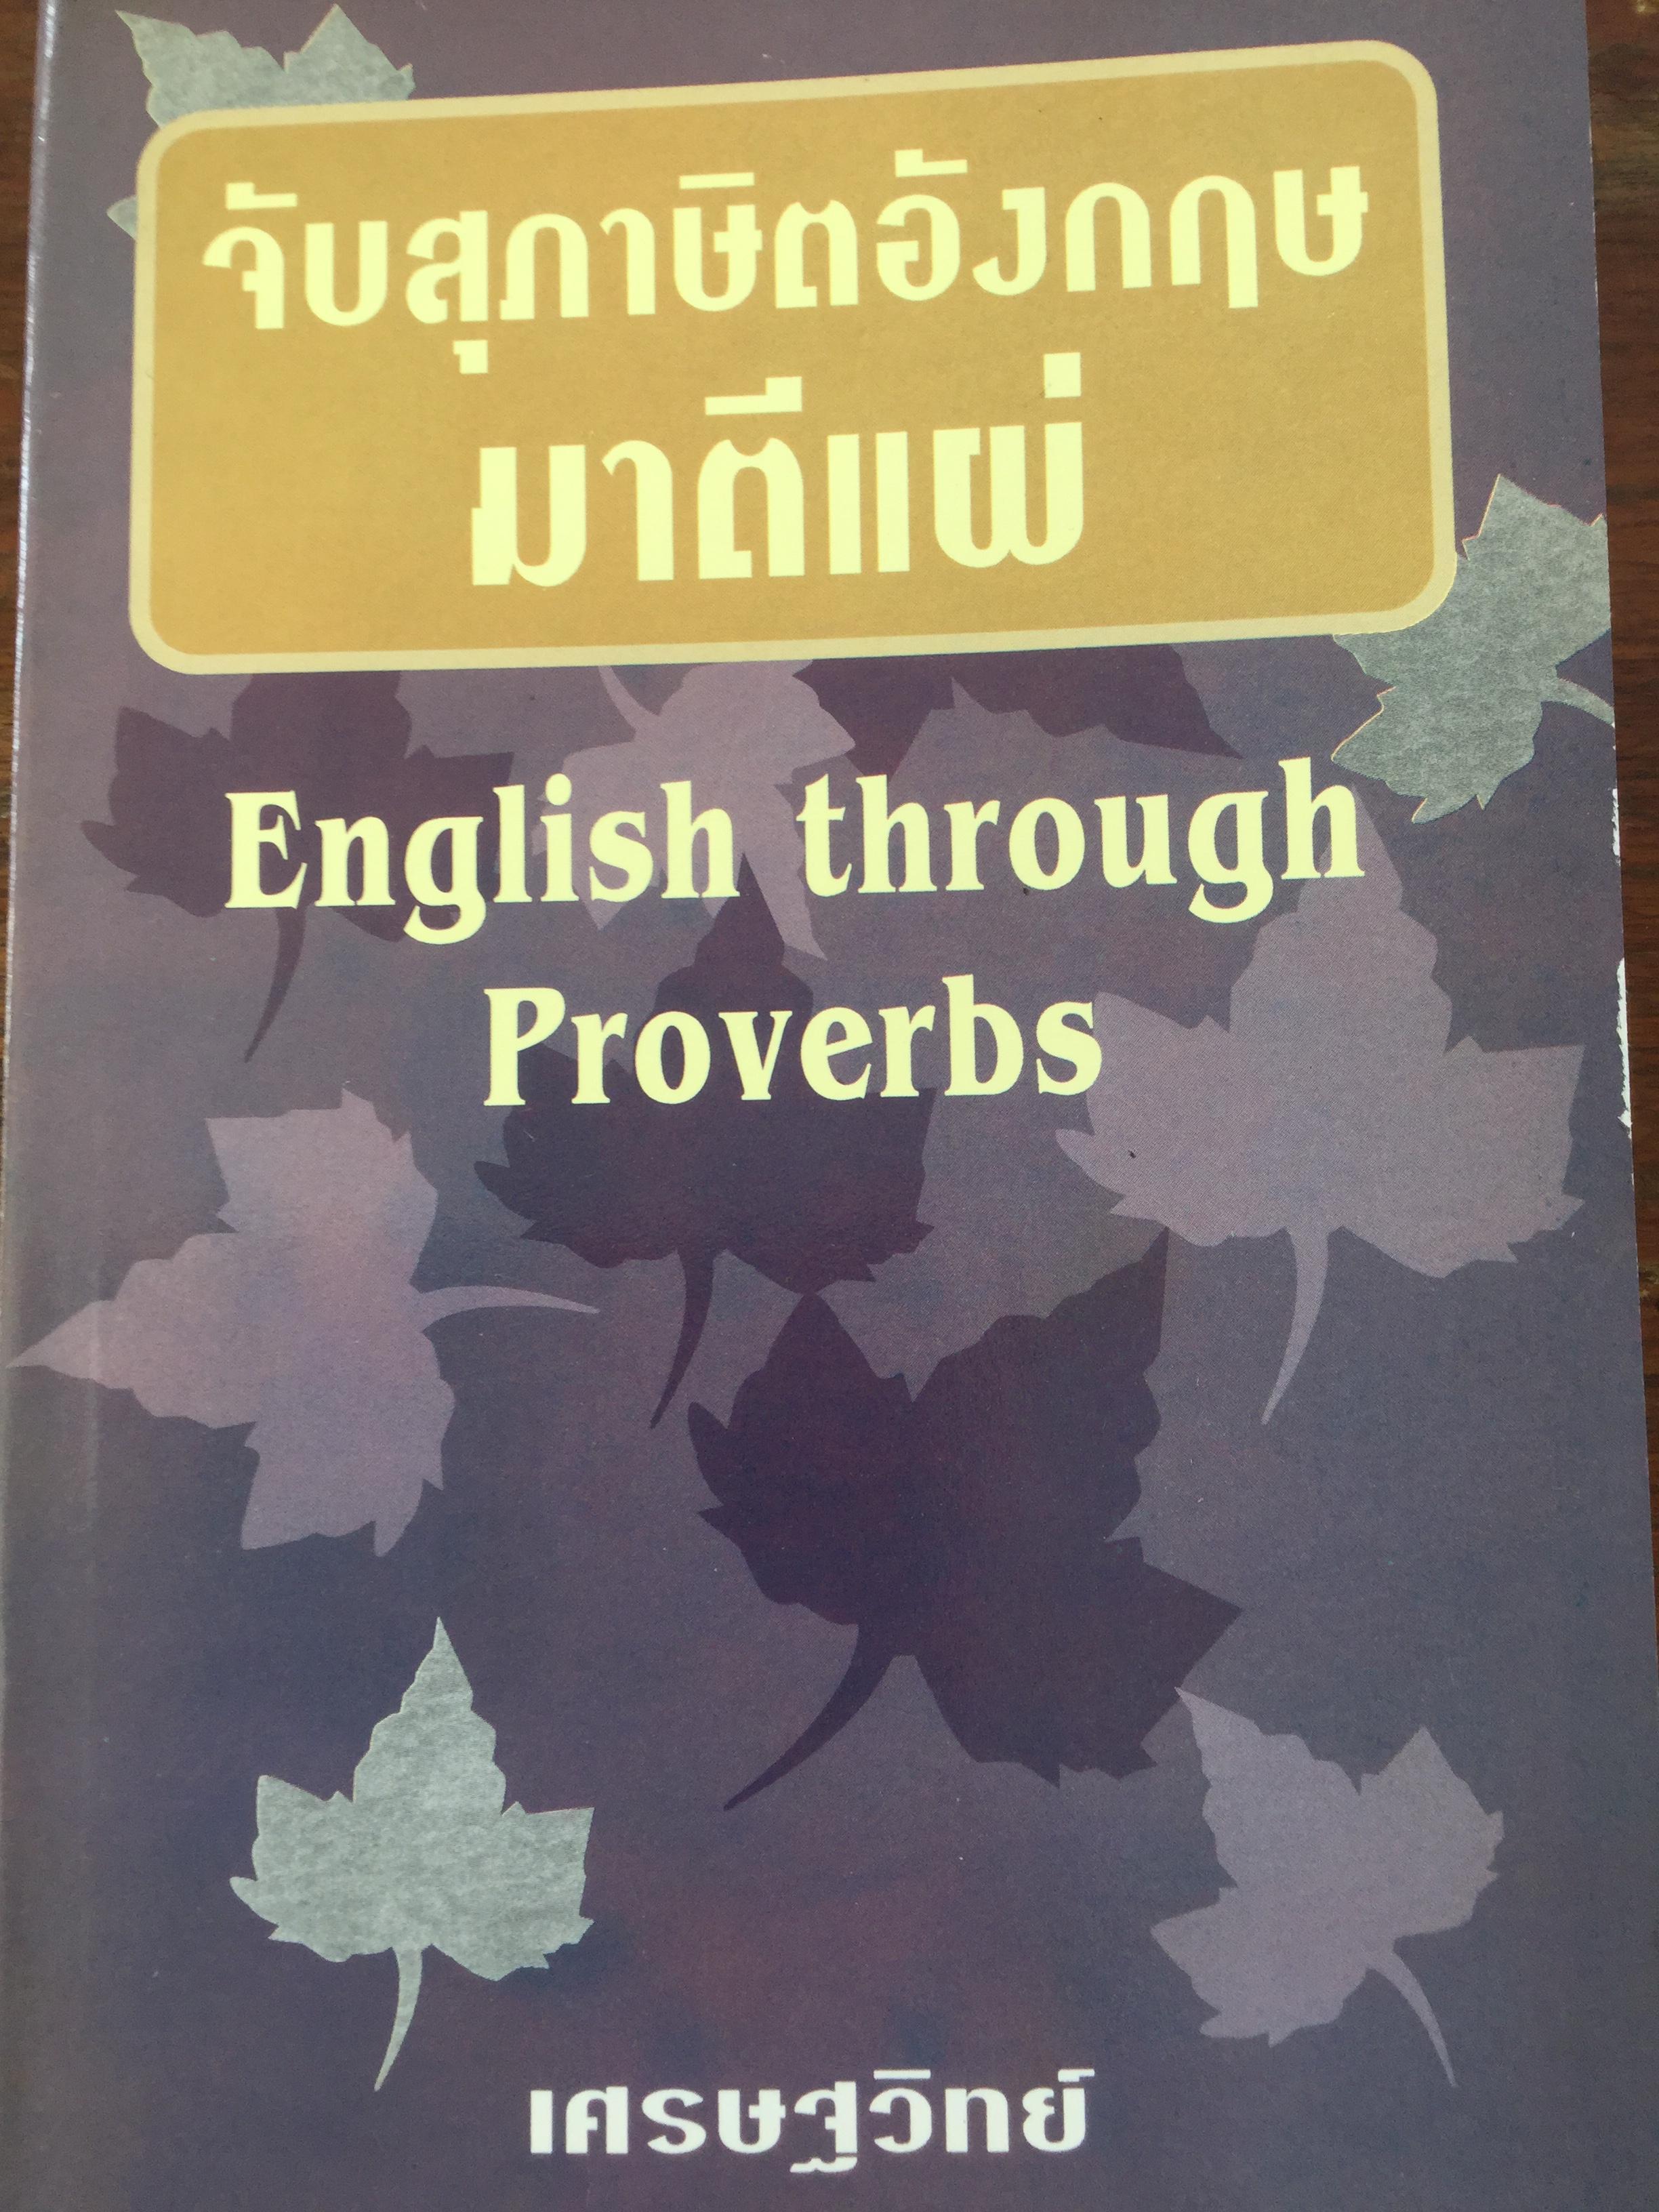 จับสุภาษิตมาตีแผ่. English through Proverbs. ผู้เขียน เศรษฐวิทย์